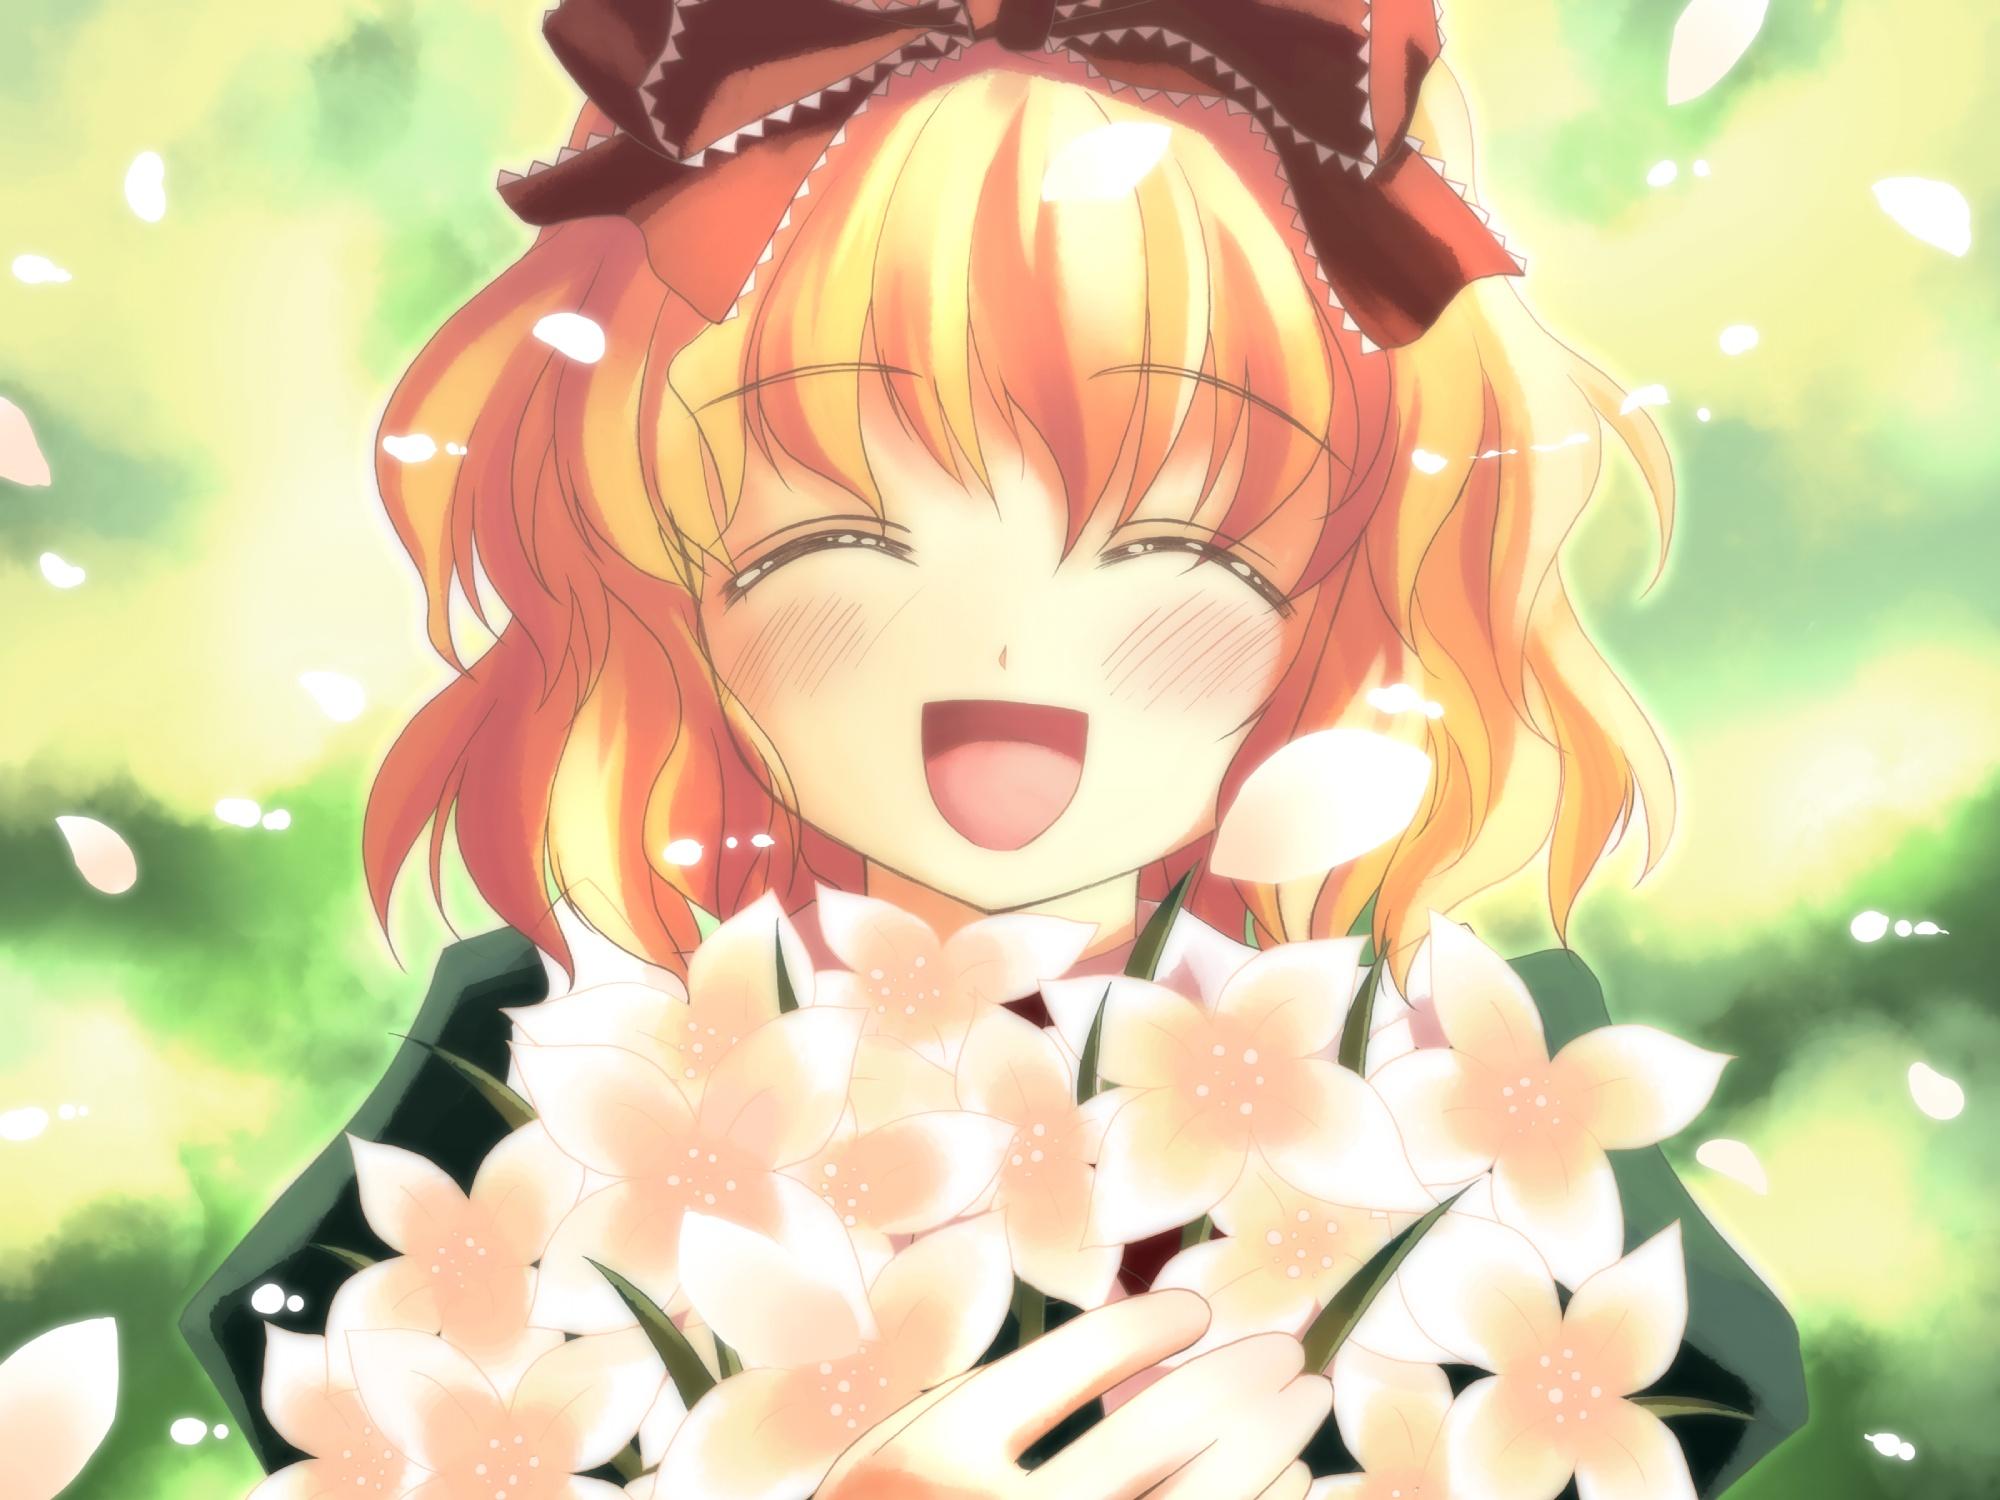 blonde_hair medicine_melancholy scan touhou yuuki_tatsuya